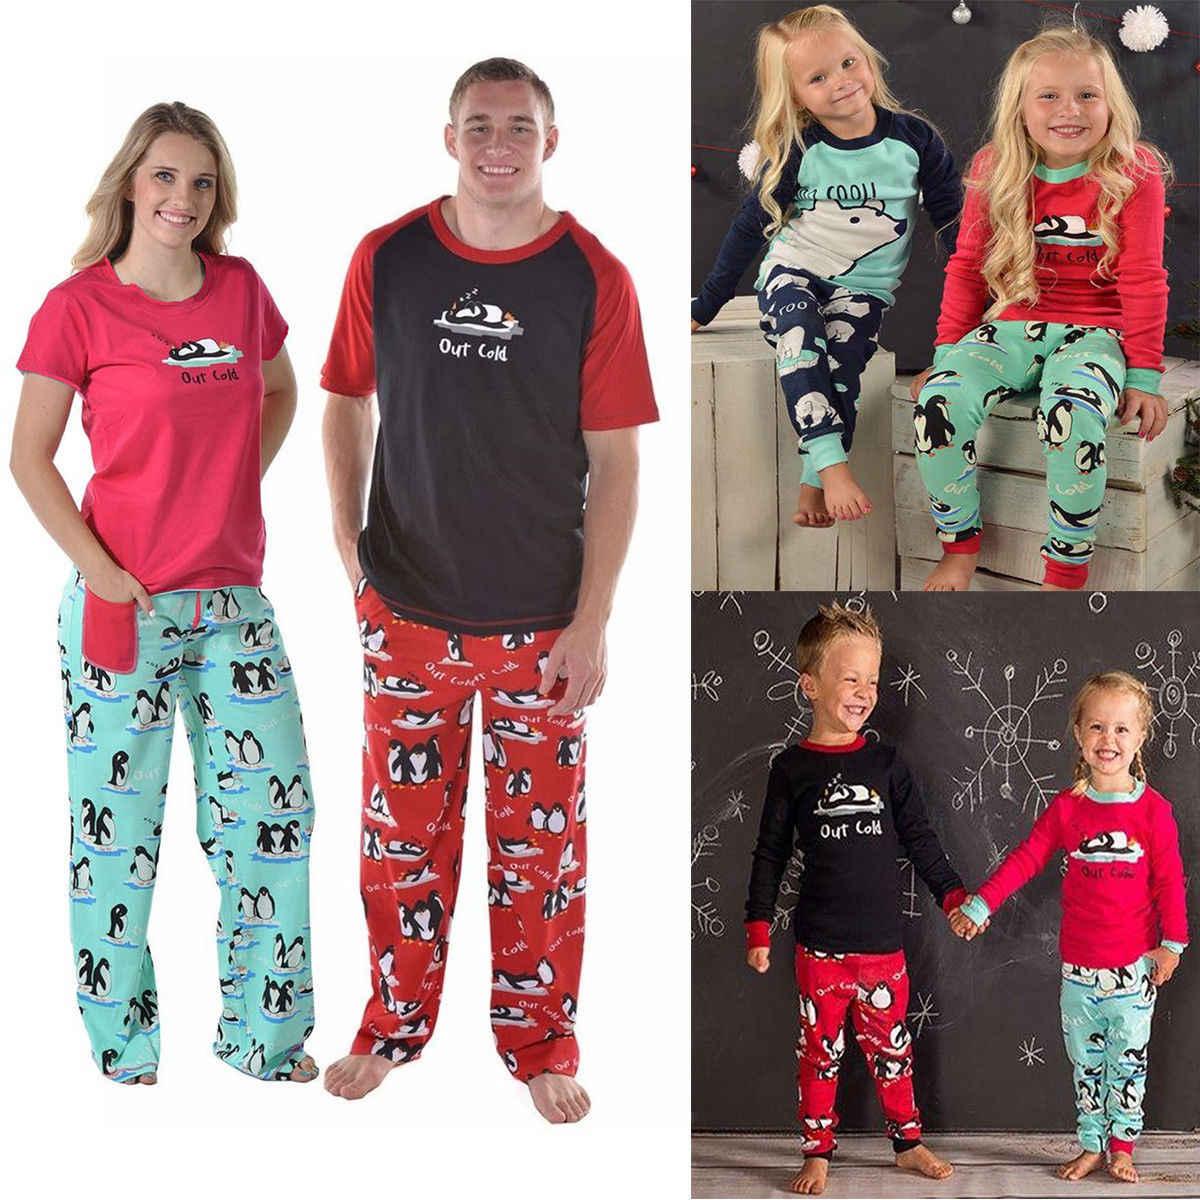 ... New Family Matching Women Kids Christmas Pyjamas Xmas Nightwear Pajamas  PJs Sets Cute Penguin Outfits ... 9297fb4e7